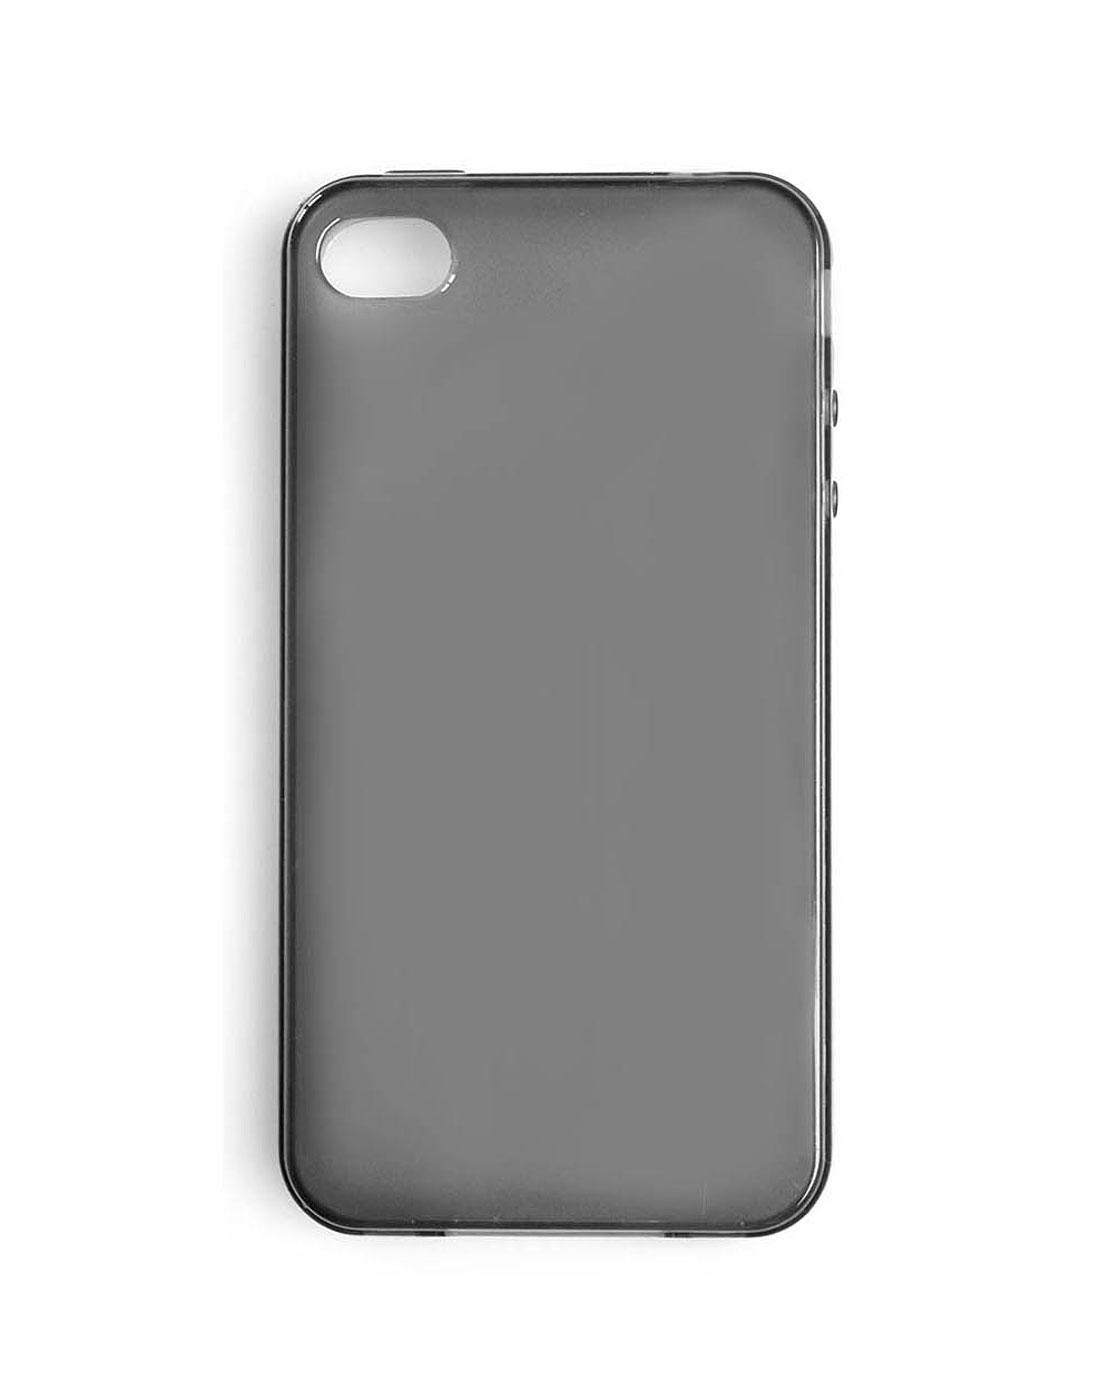 水晶黑透明手机壳